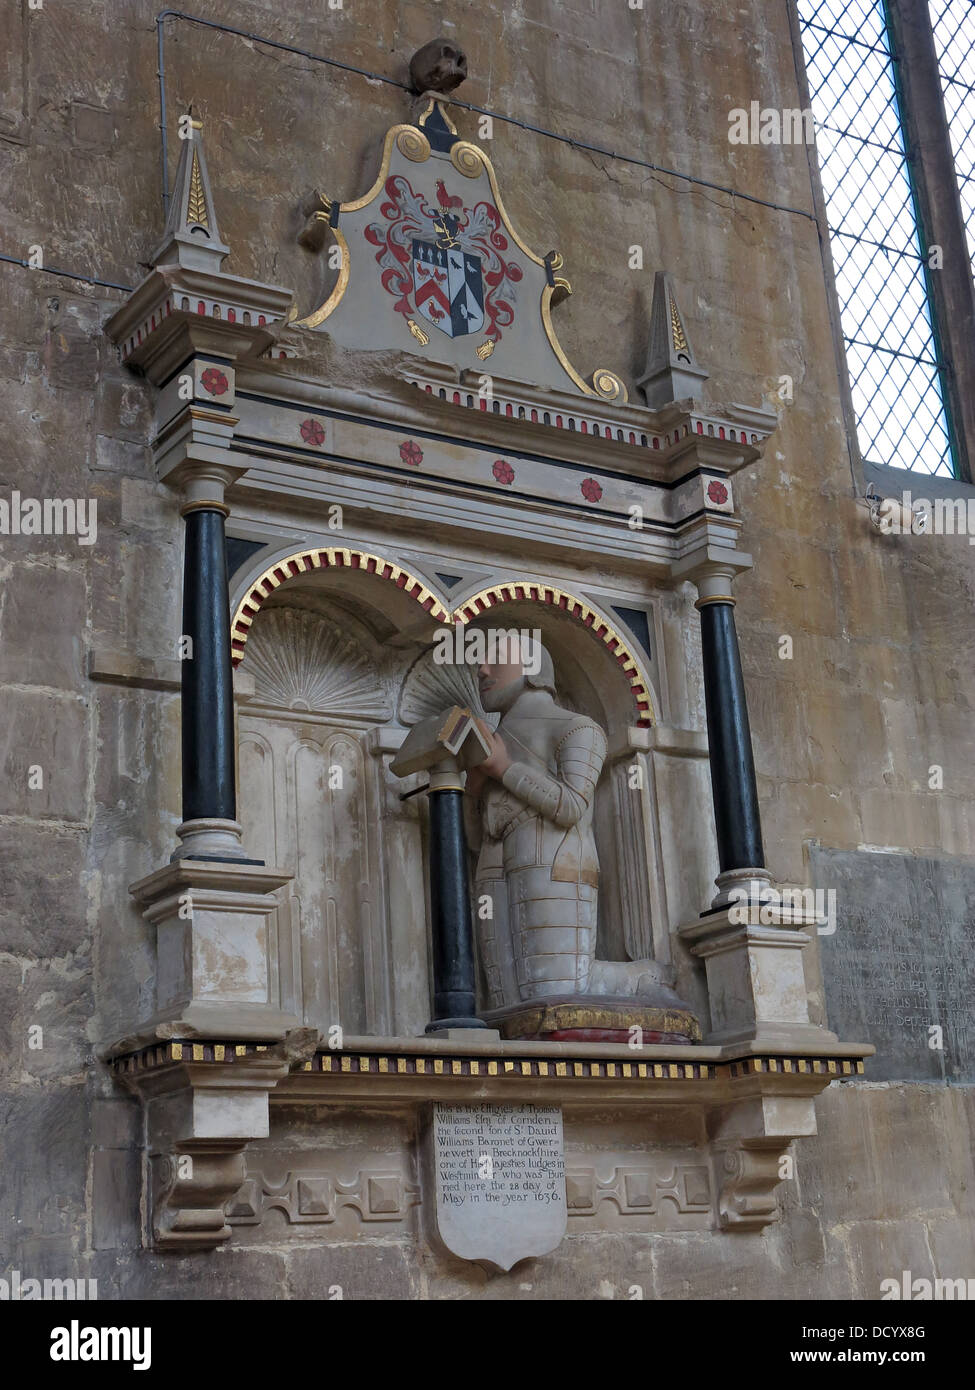 Laden Sie dieses Alamy Stockfoto Stein Bildnis von Tom Wiliams, St. Peters Kirche, Cheltenham, Gloucester, England, Großbritannien - DCYX8G